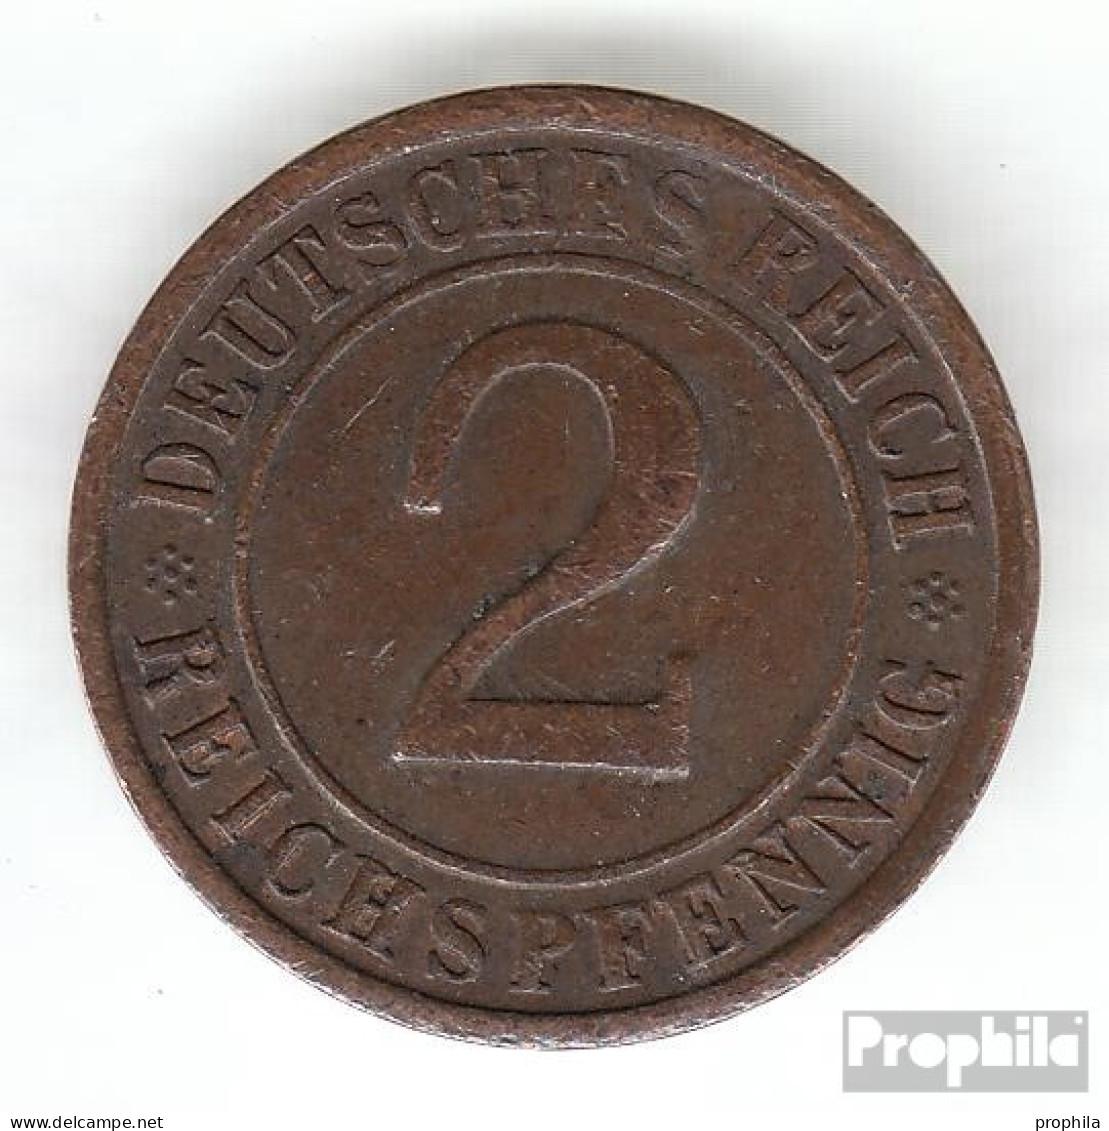 Deutsches Reich Jägernr: 314 1924 J Sehr Schön Bronze Sehr Schön 1924 2 Reichspfennig Ährengarbe - [ 3] 1918-1933 : Weimar Republic